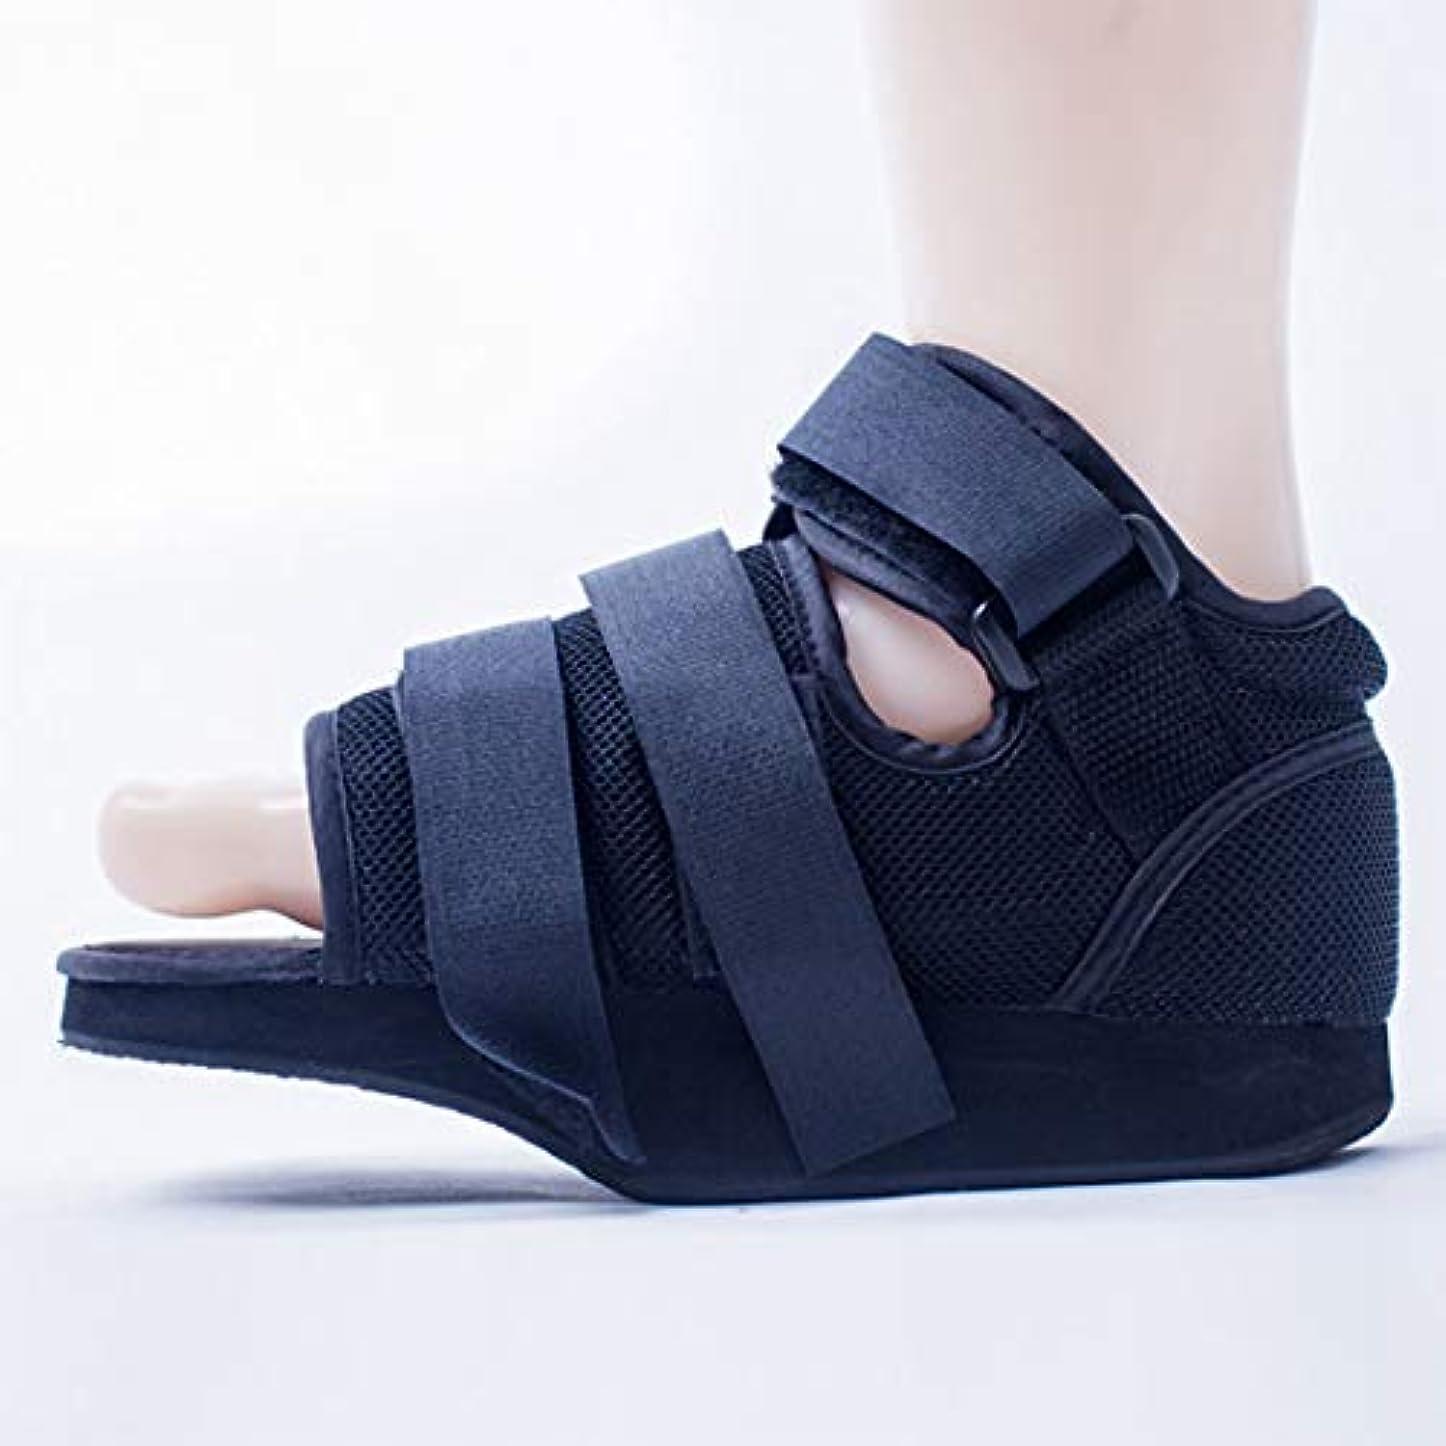 医療足骨折石膏の回復靴の手術後のつま先の靴を安定化骨折の靴を調整可能なファスナーで完全なカバー,M25.5cm